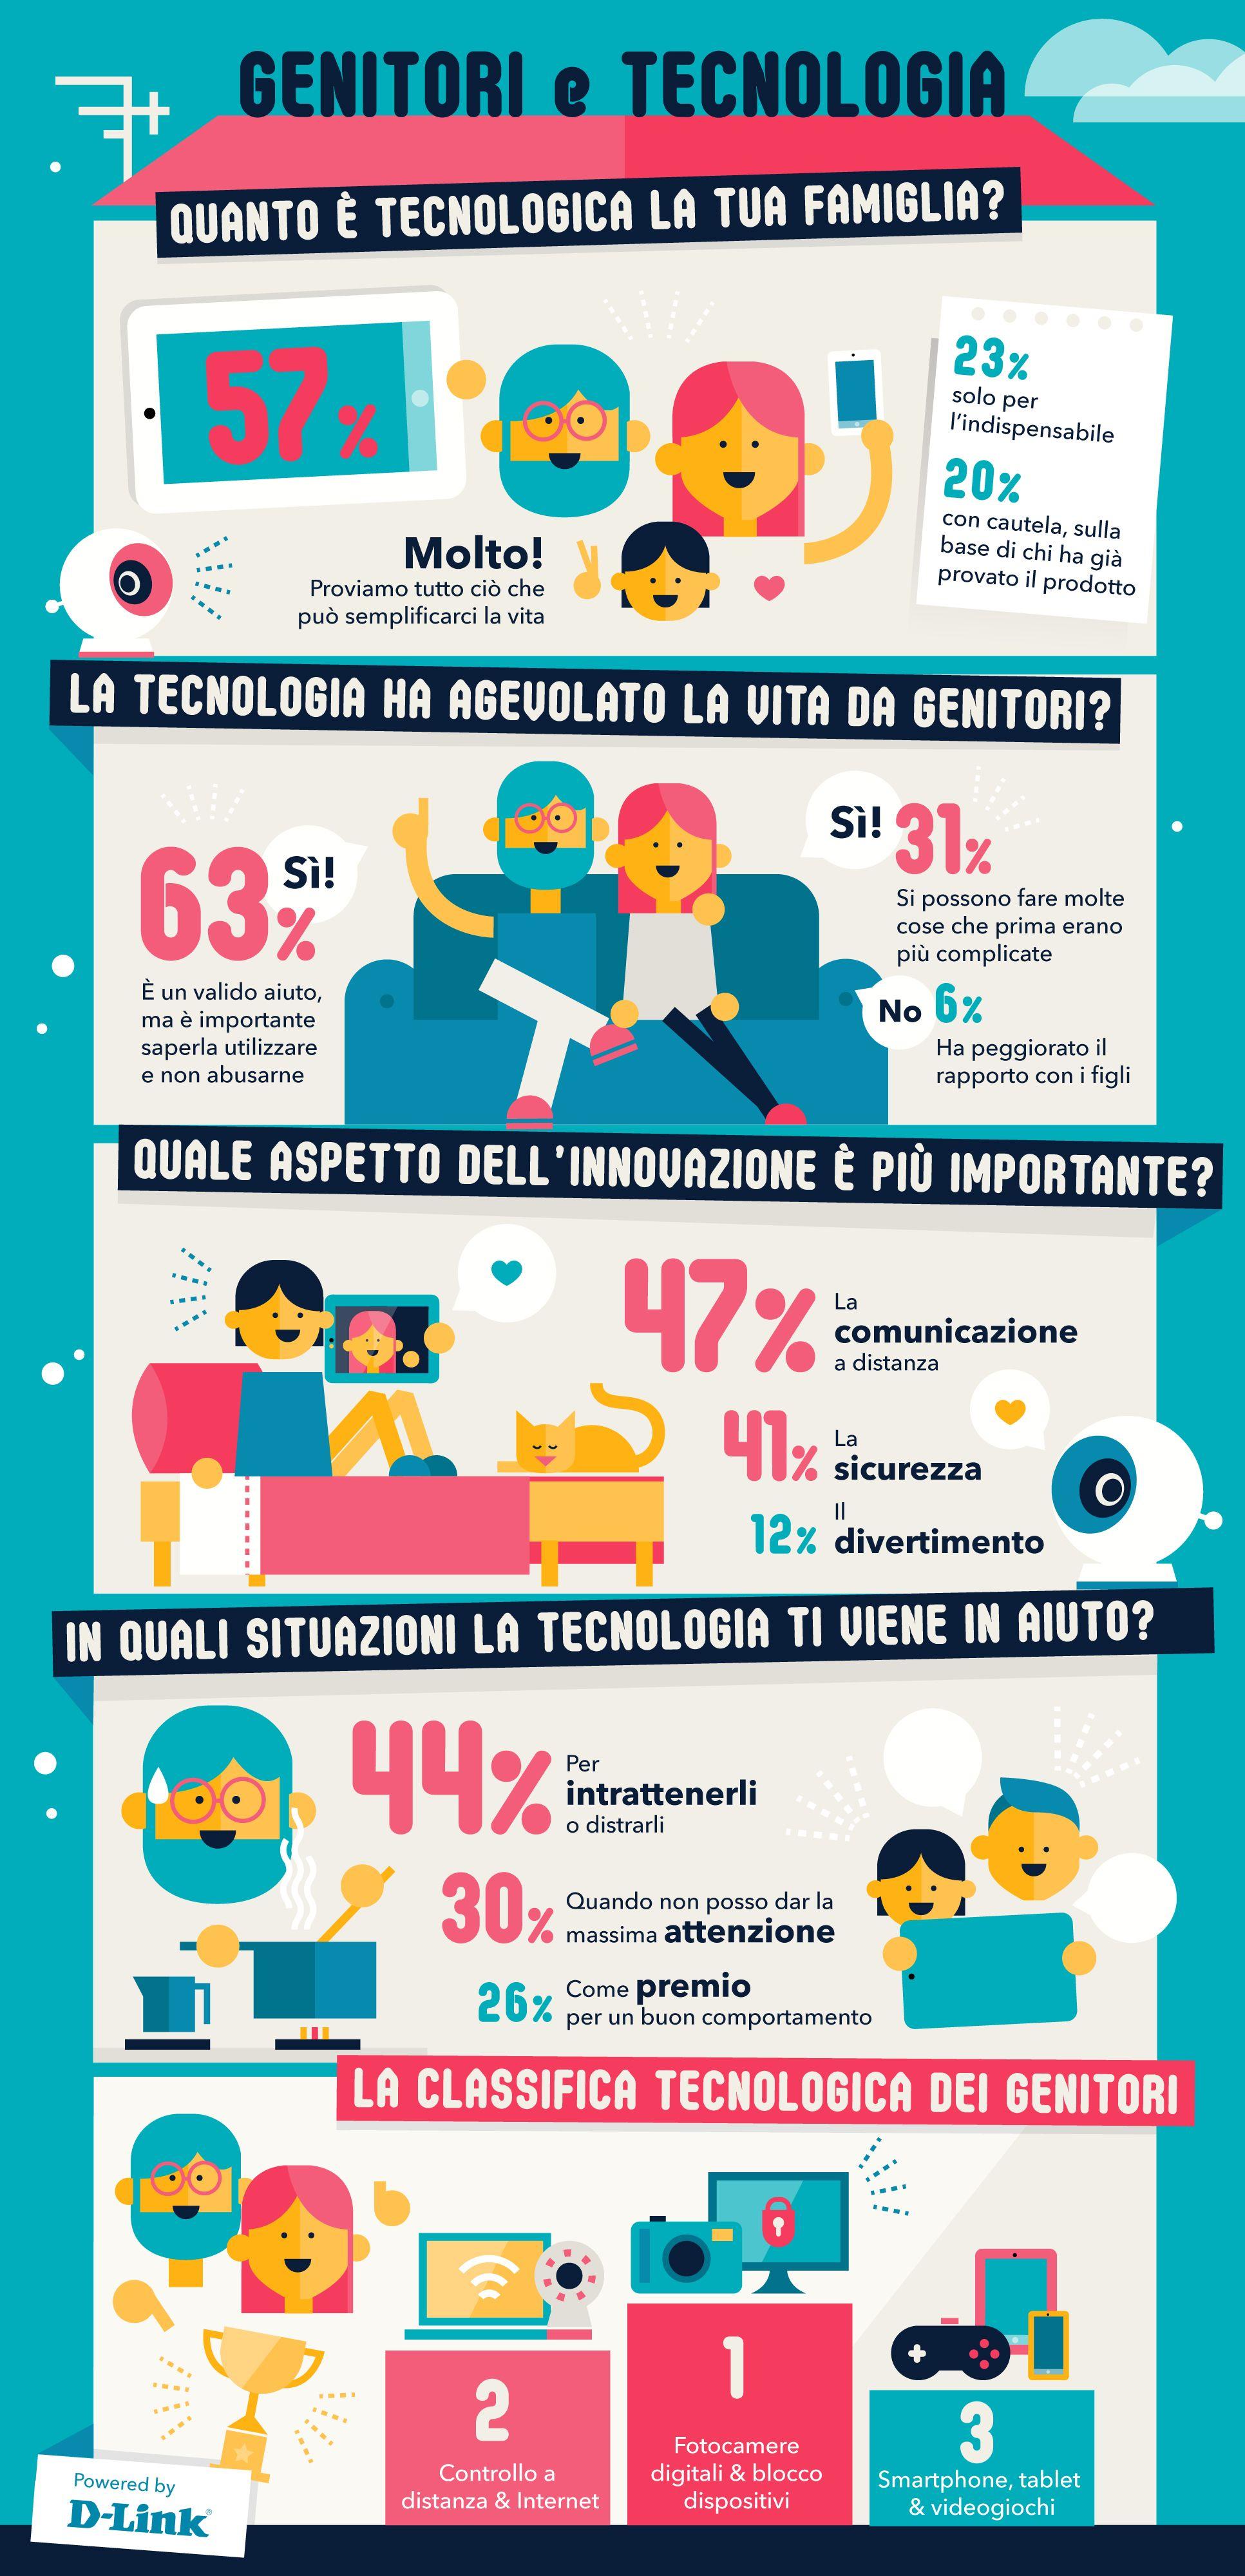 Genitori e Tecnologia - Infografica